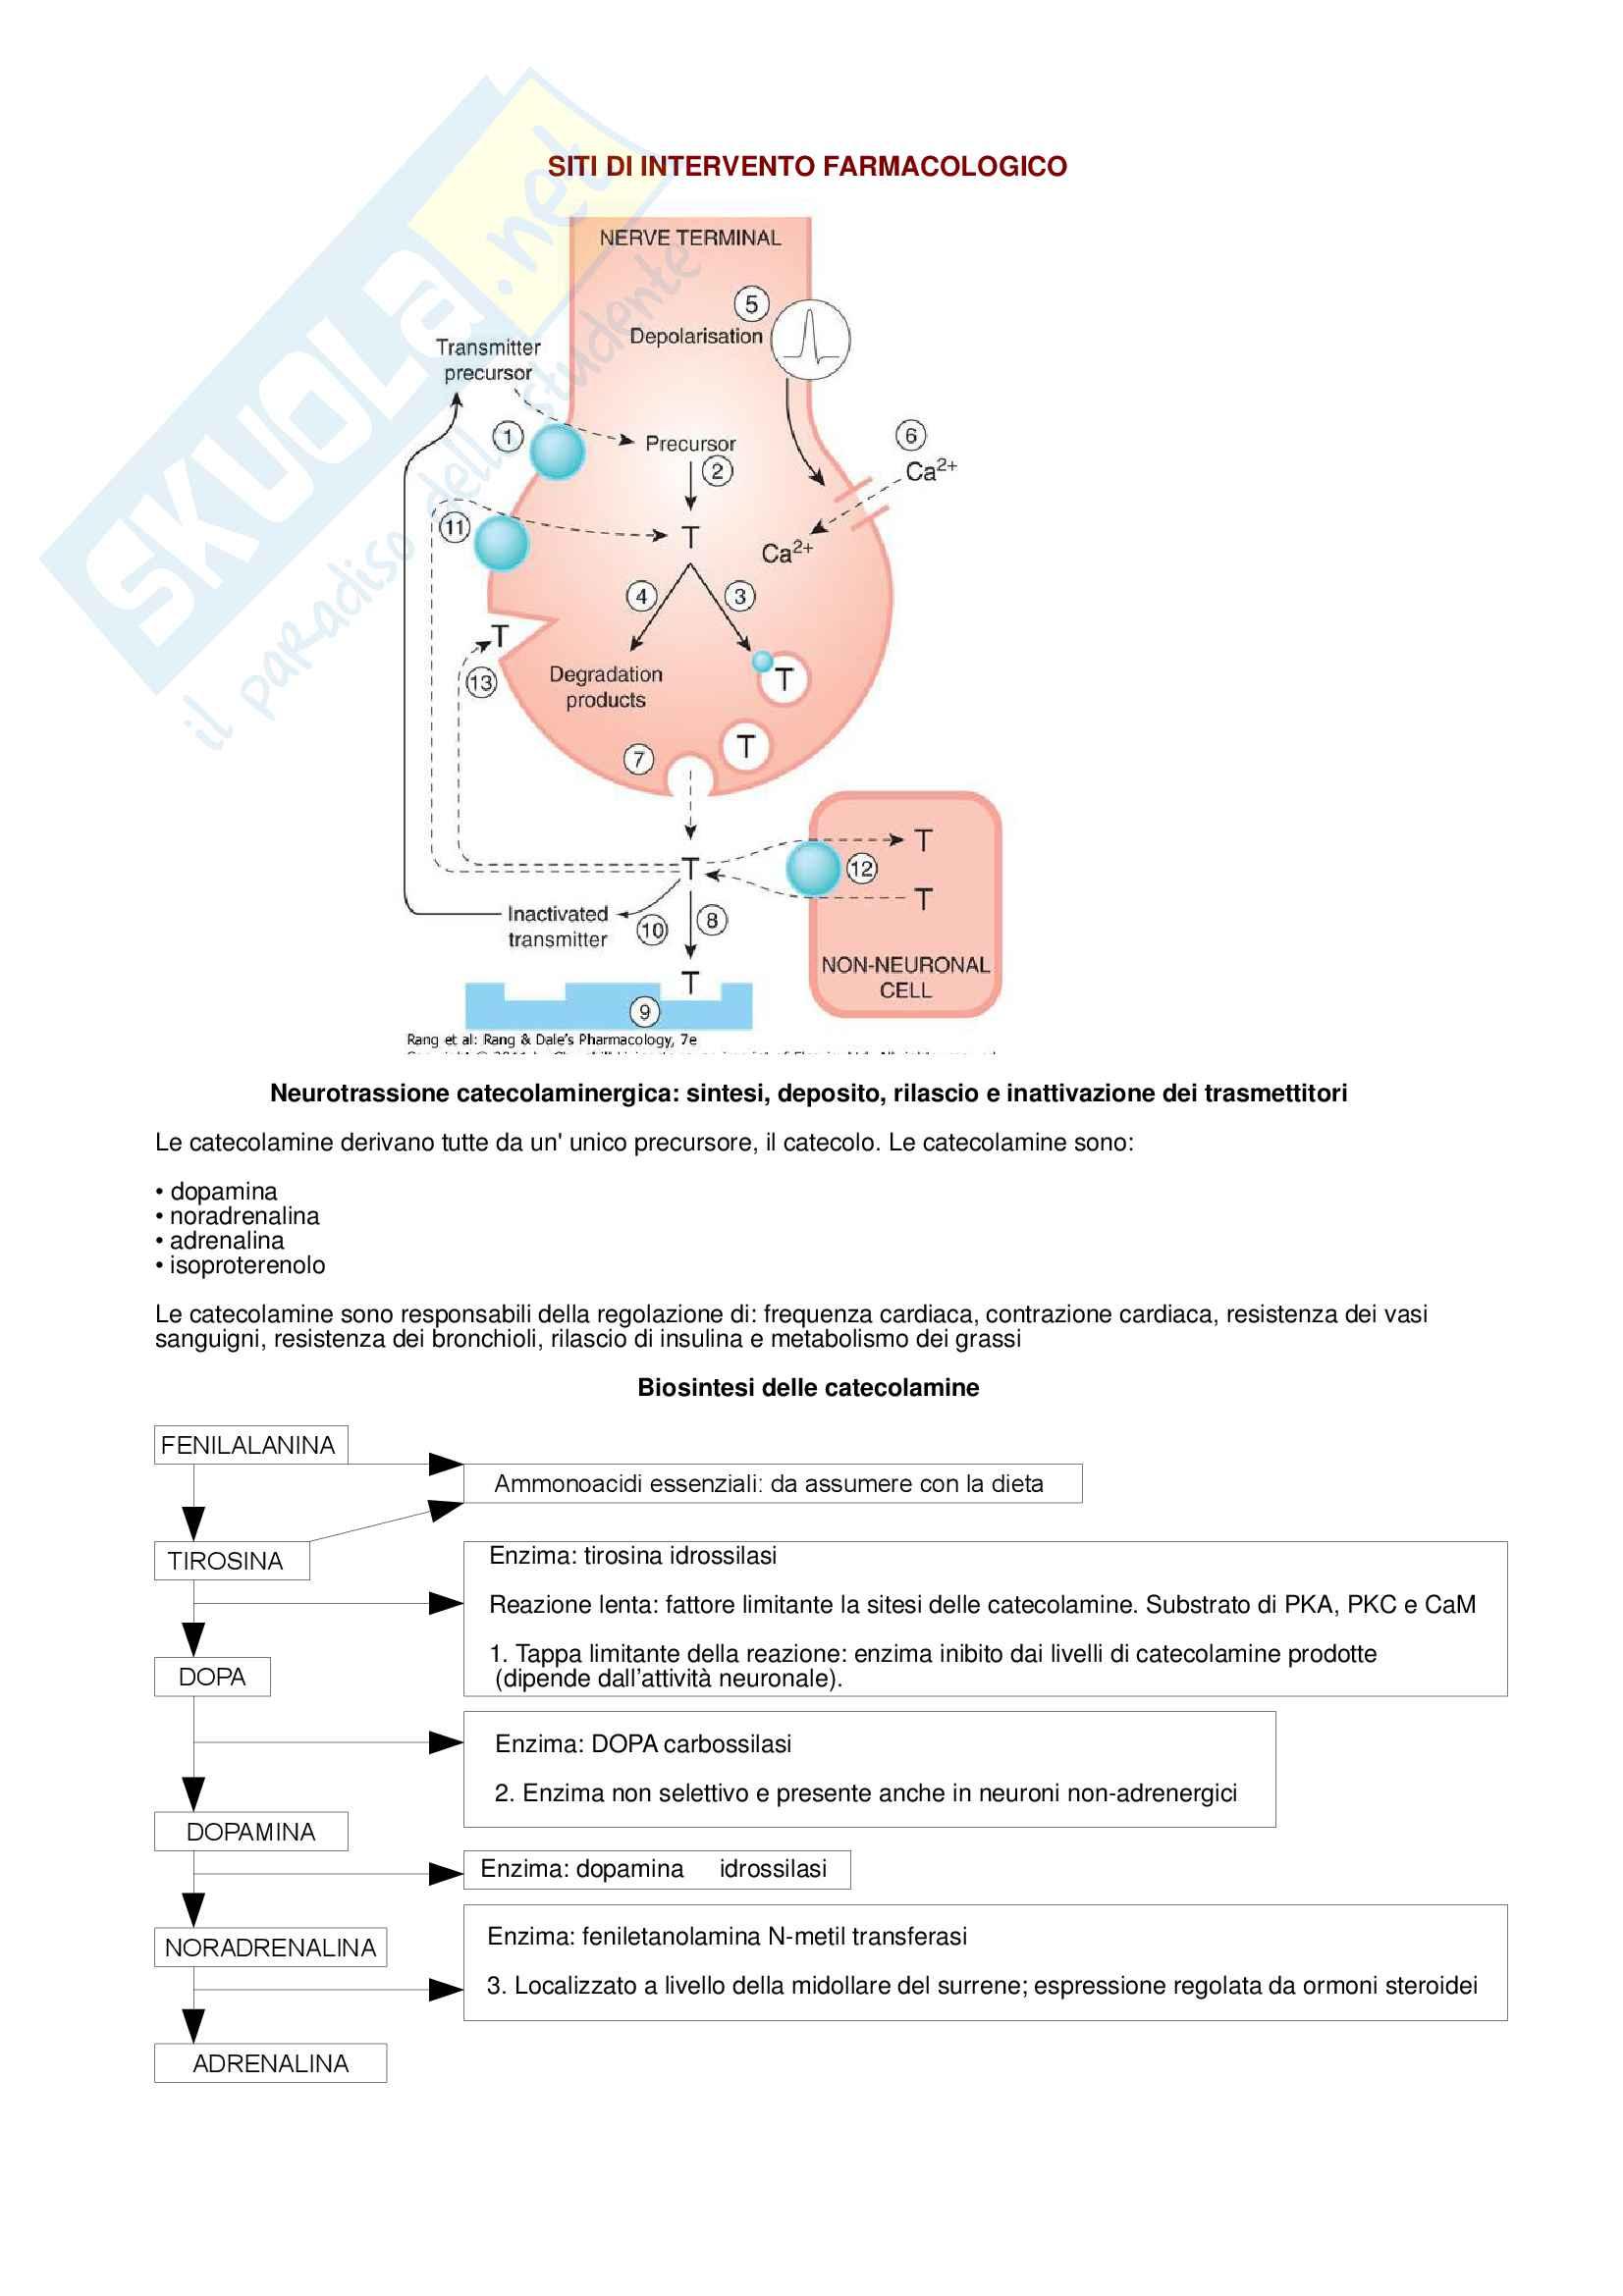 Farmacologia - Siti di intervento farmacologico BIO/14